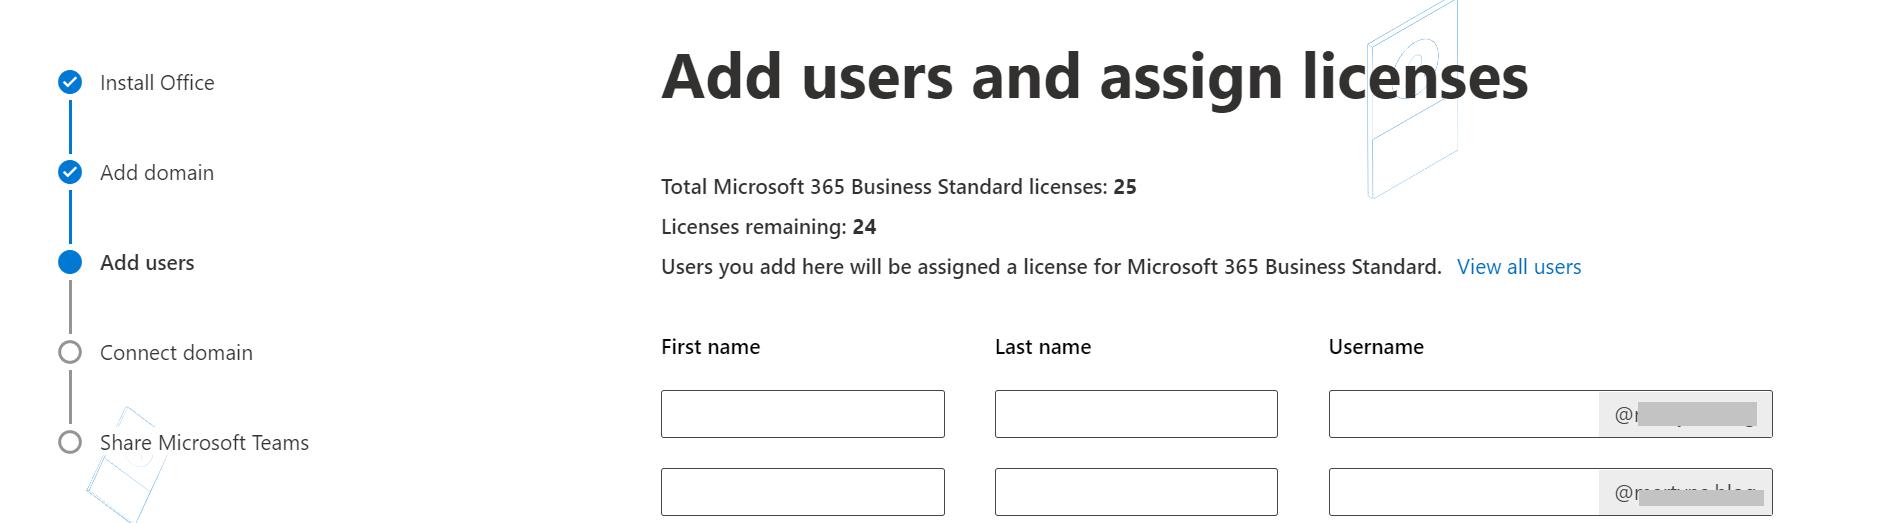 将用户添加到Office 365中的自定义品牌电子邮件地址。